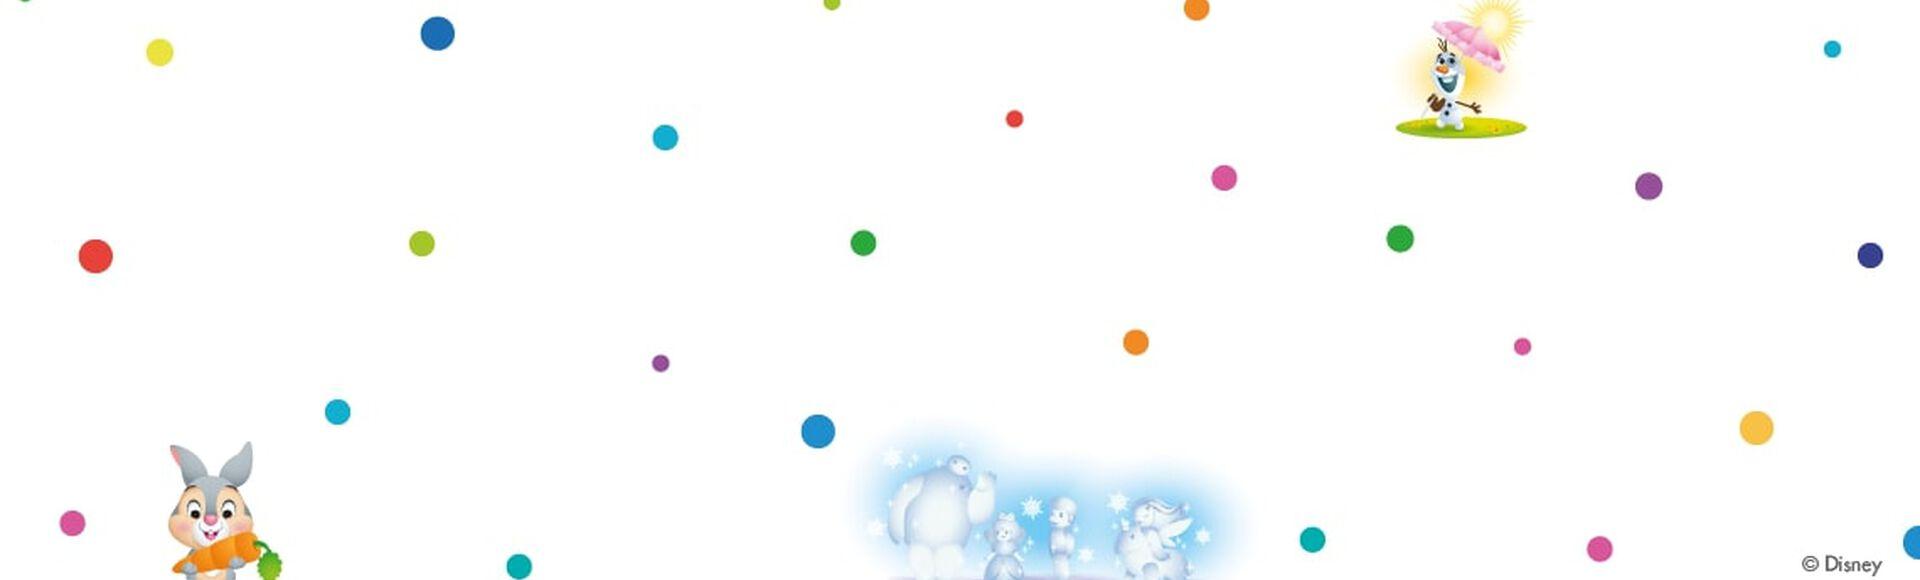 Olaf e as estações do ano